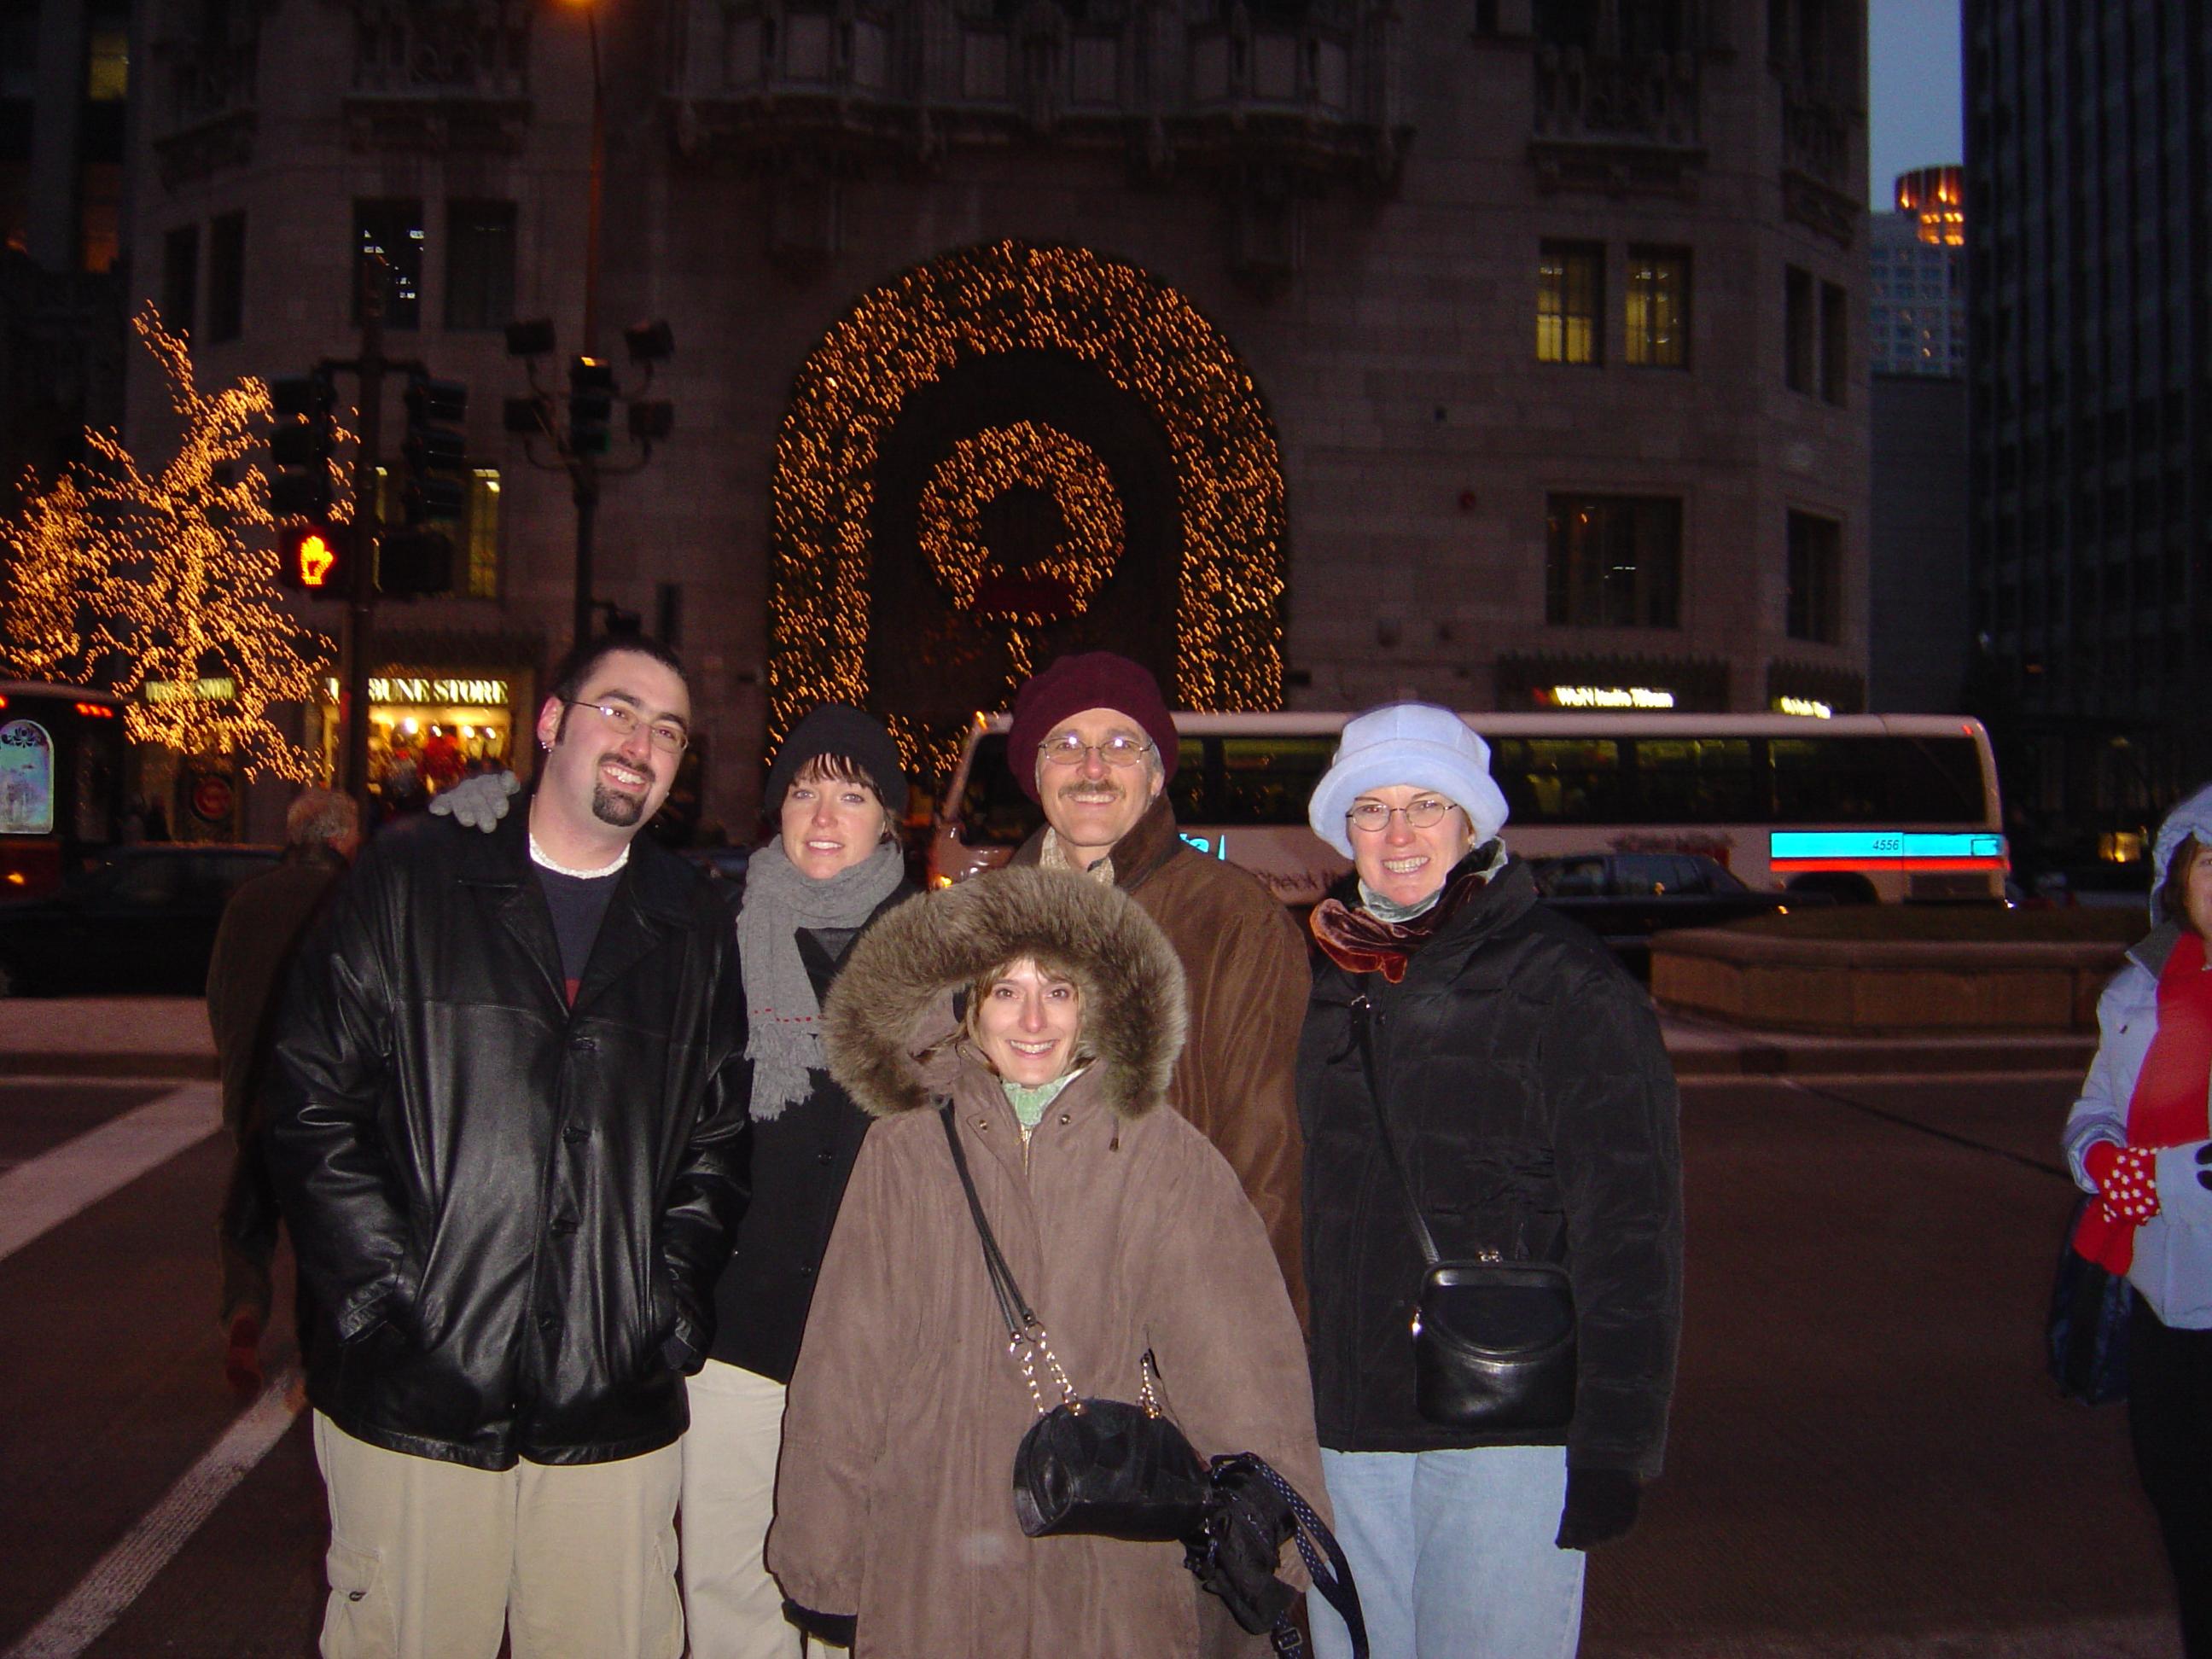 Michael, Jen, Mike, Rosa, & Michelle